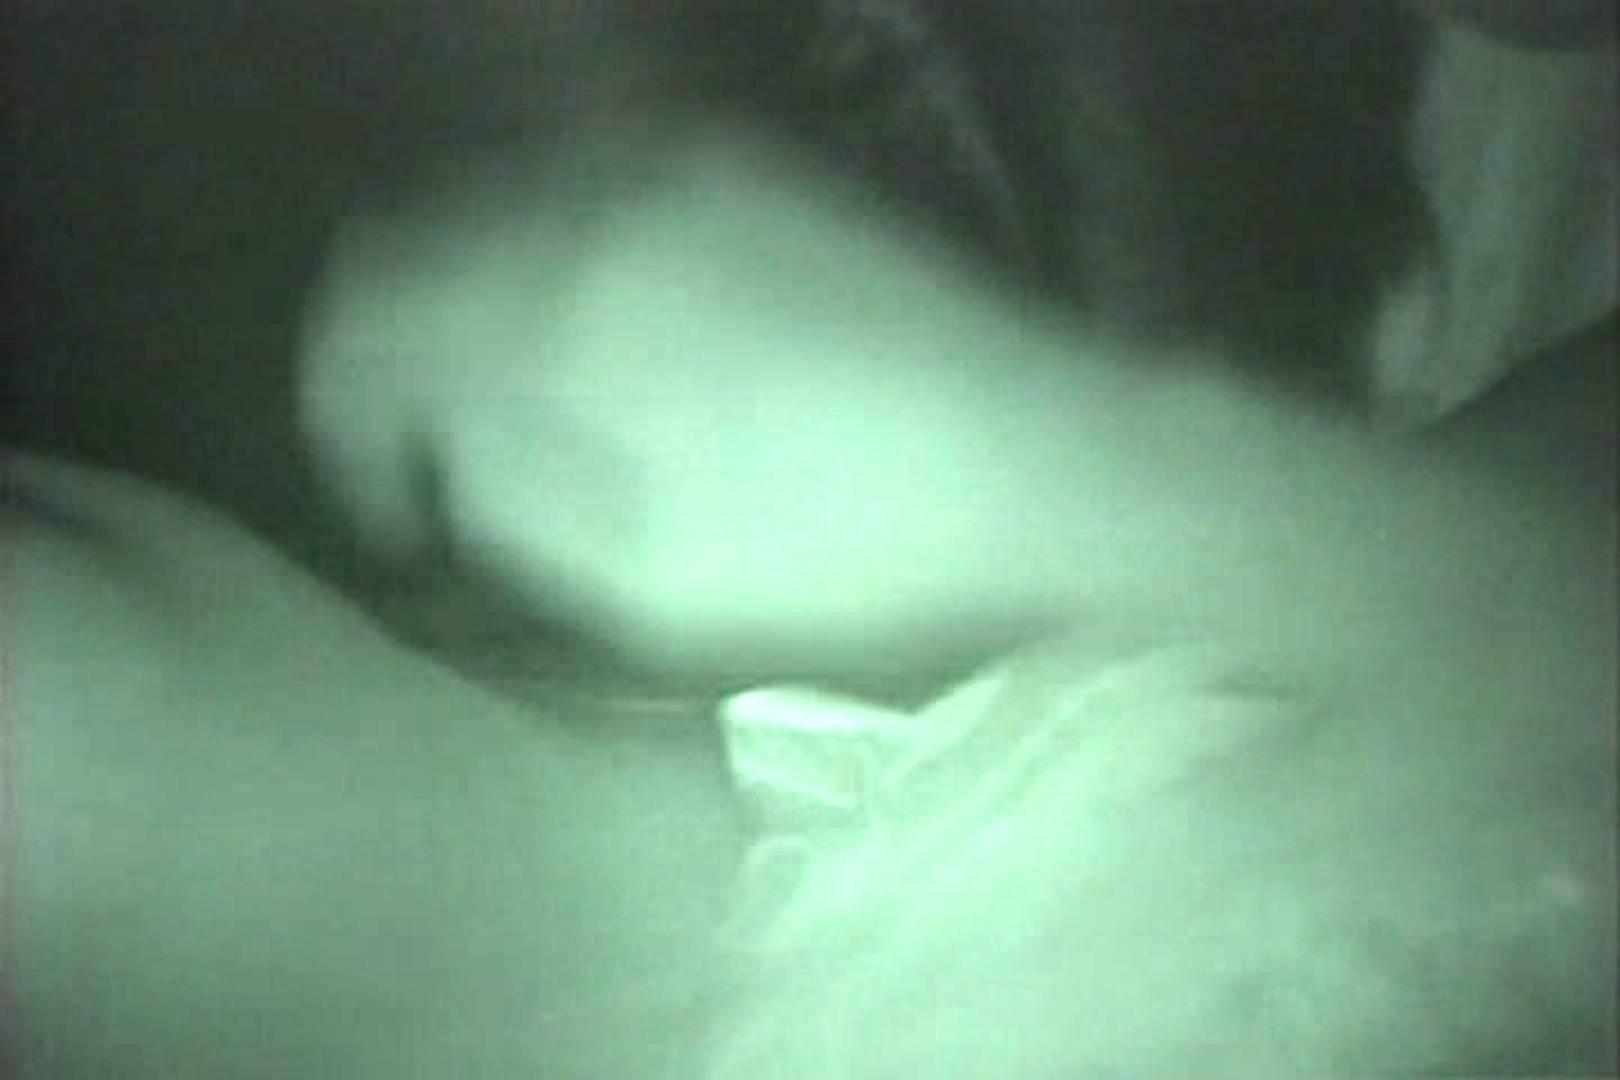 蔵出し!!赤外線カーセックスVol.9 美しいOLの裸体 AV動画キャプチャ 103pic 58